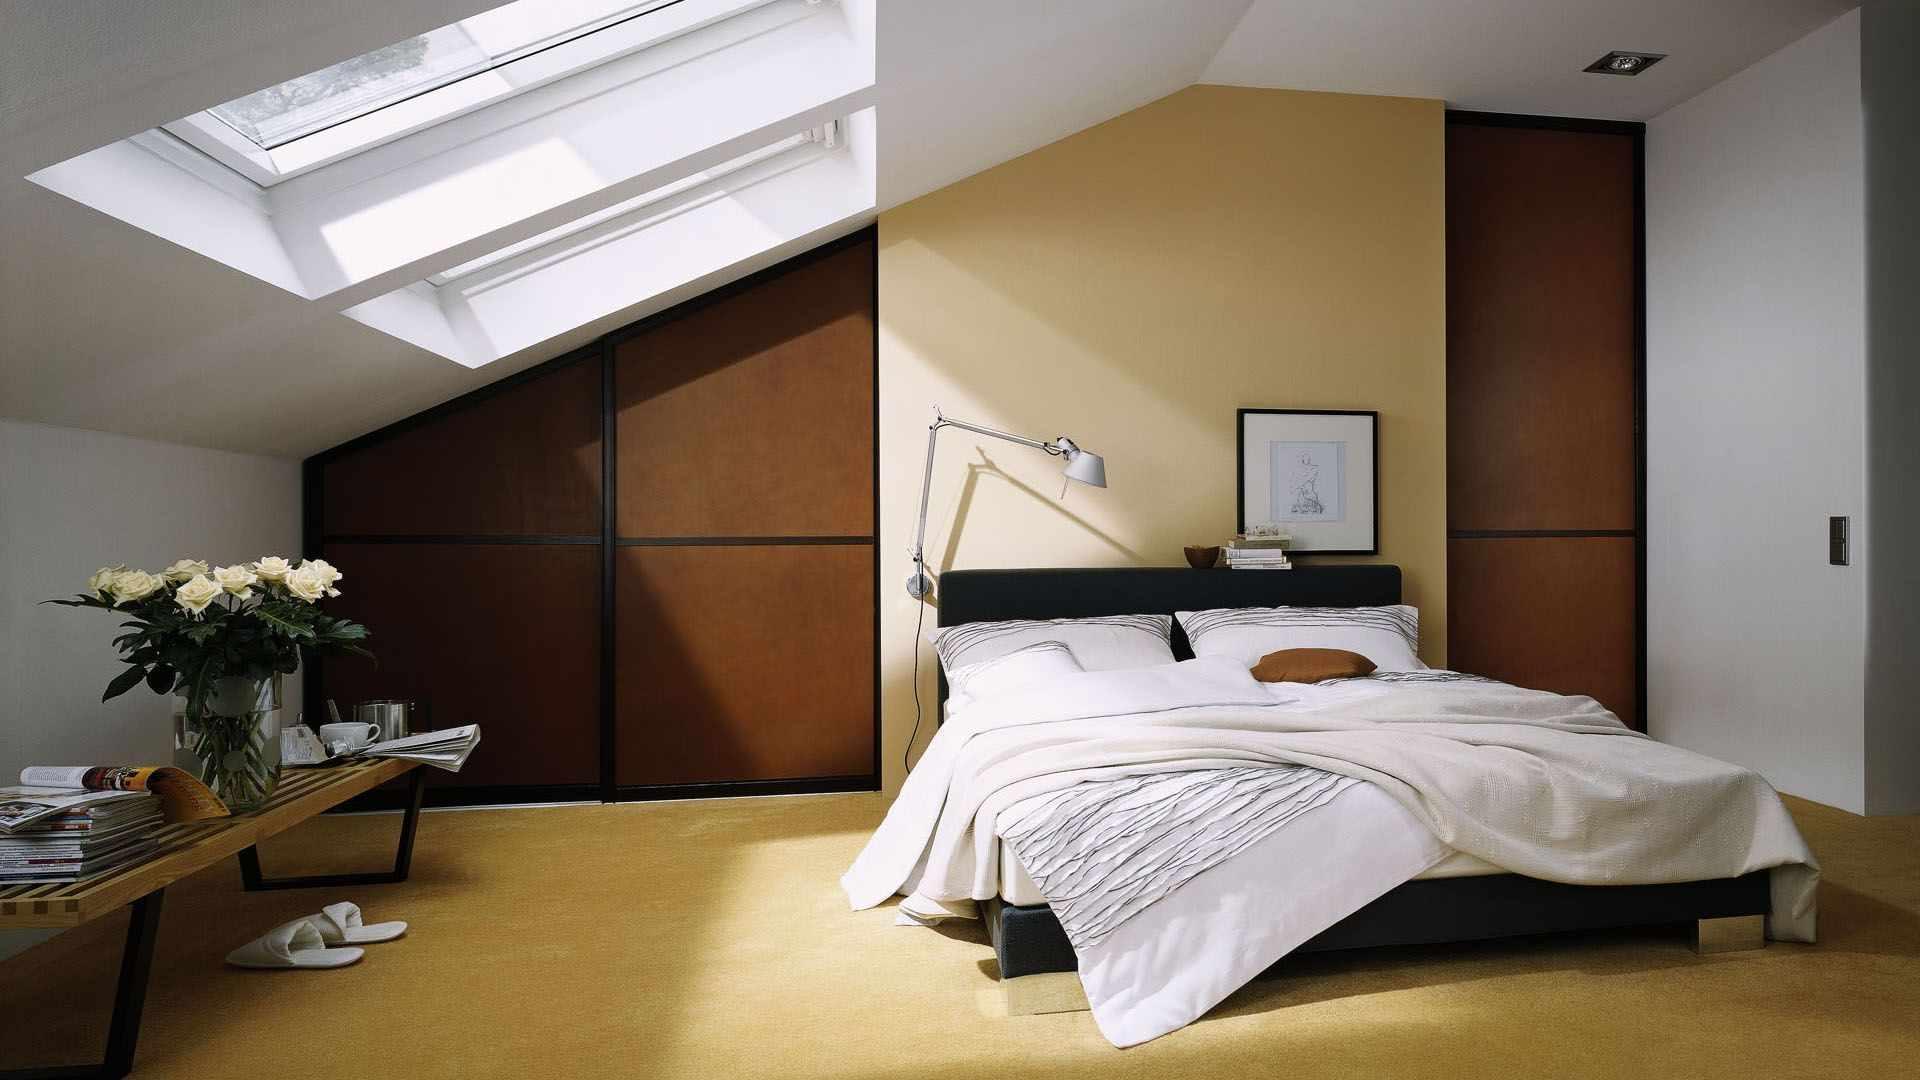 вариант светлого дизайна спальни в мансарде